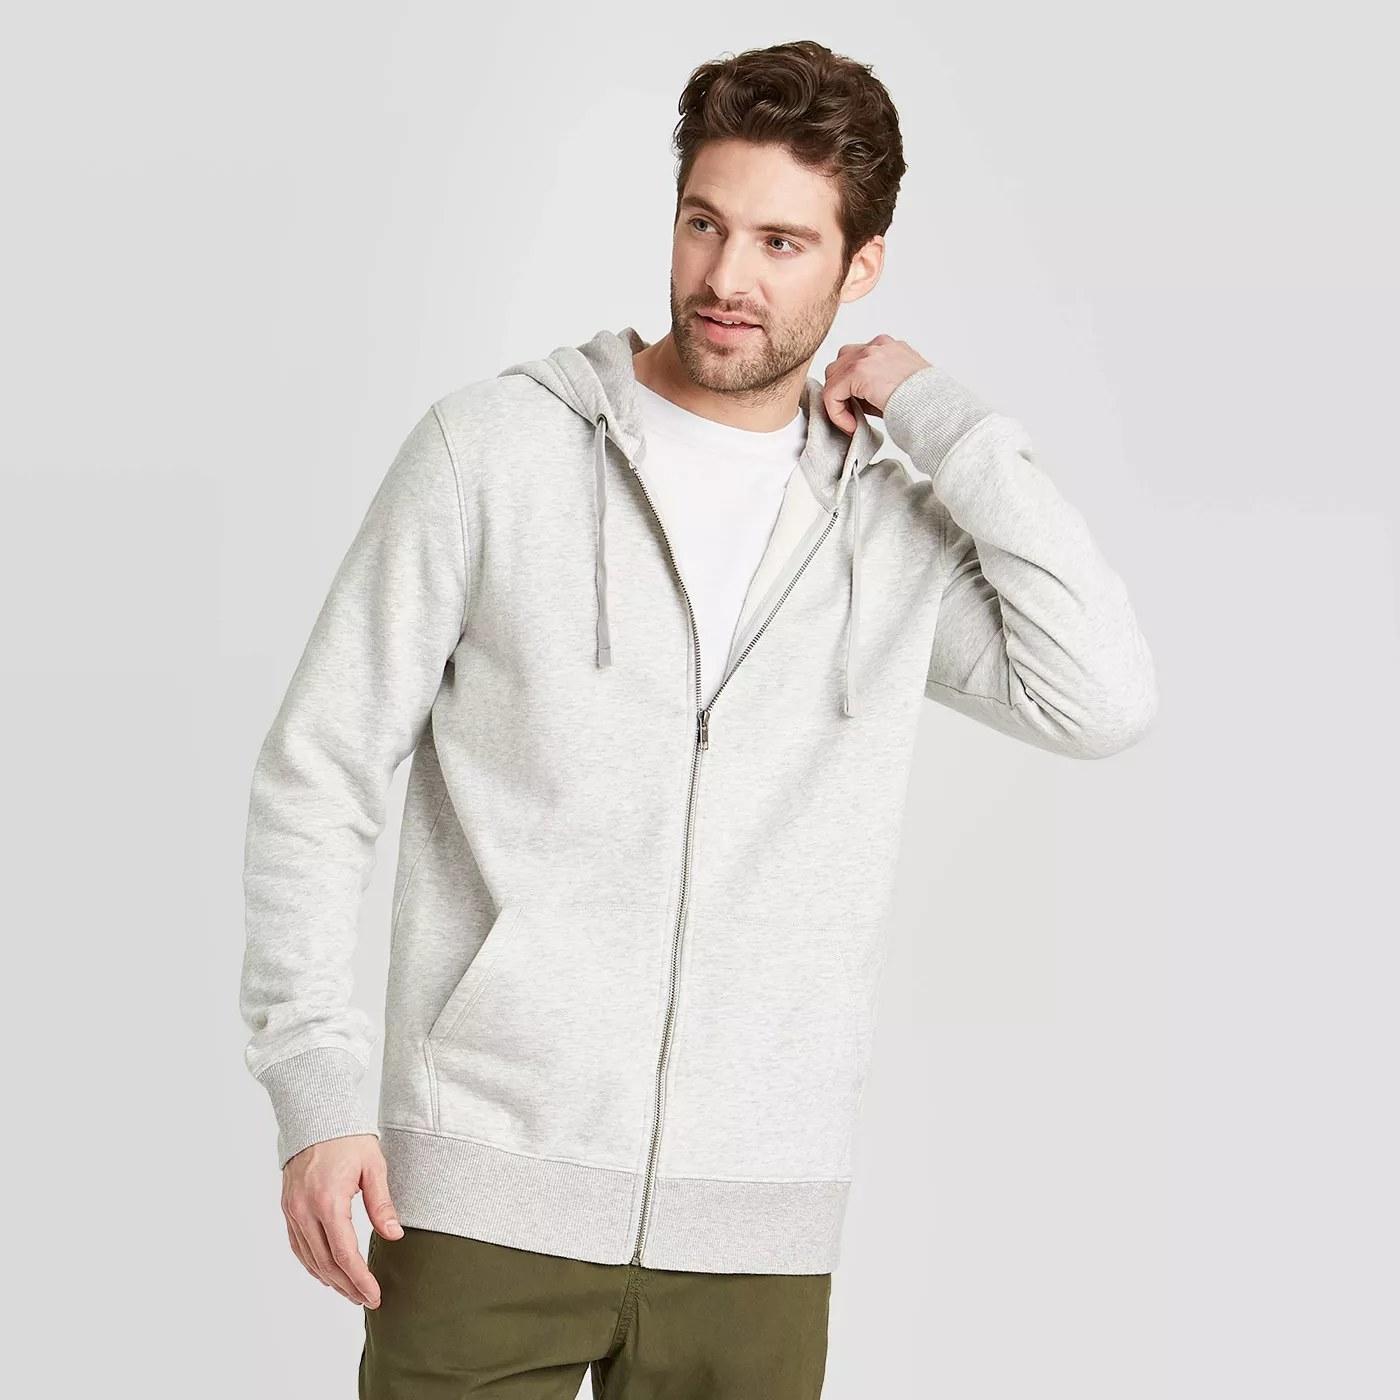 A grey hoodie